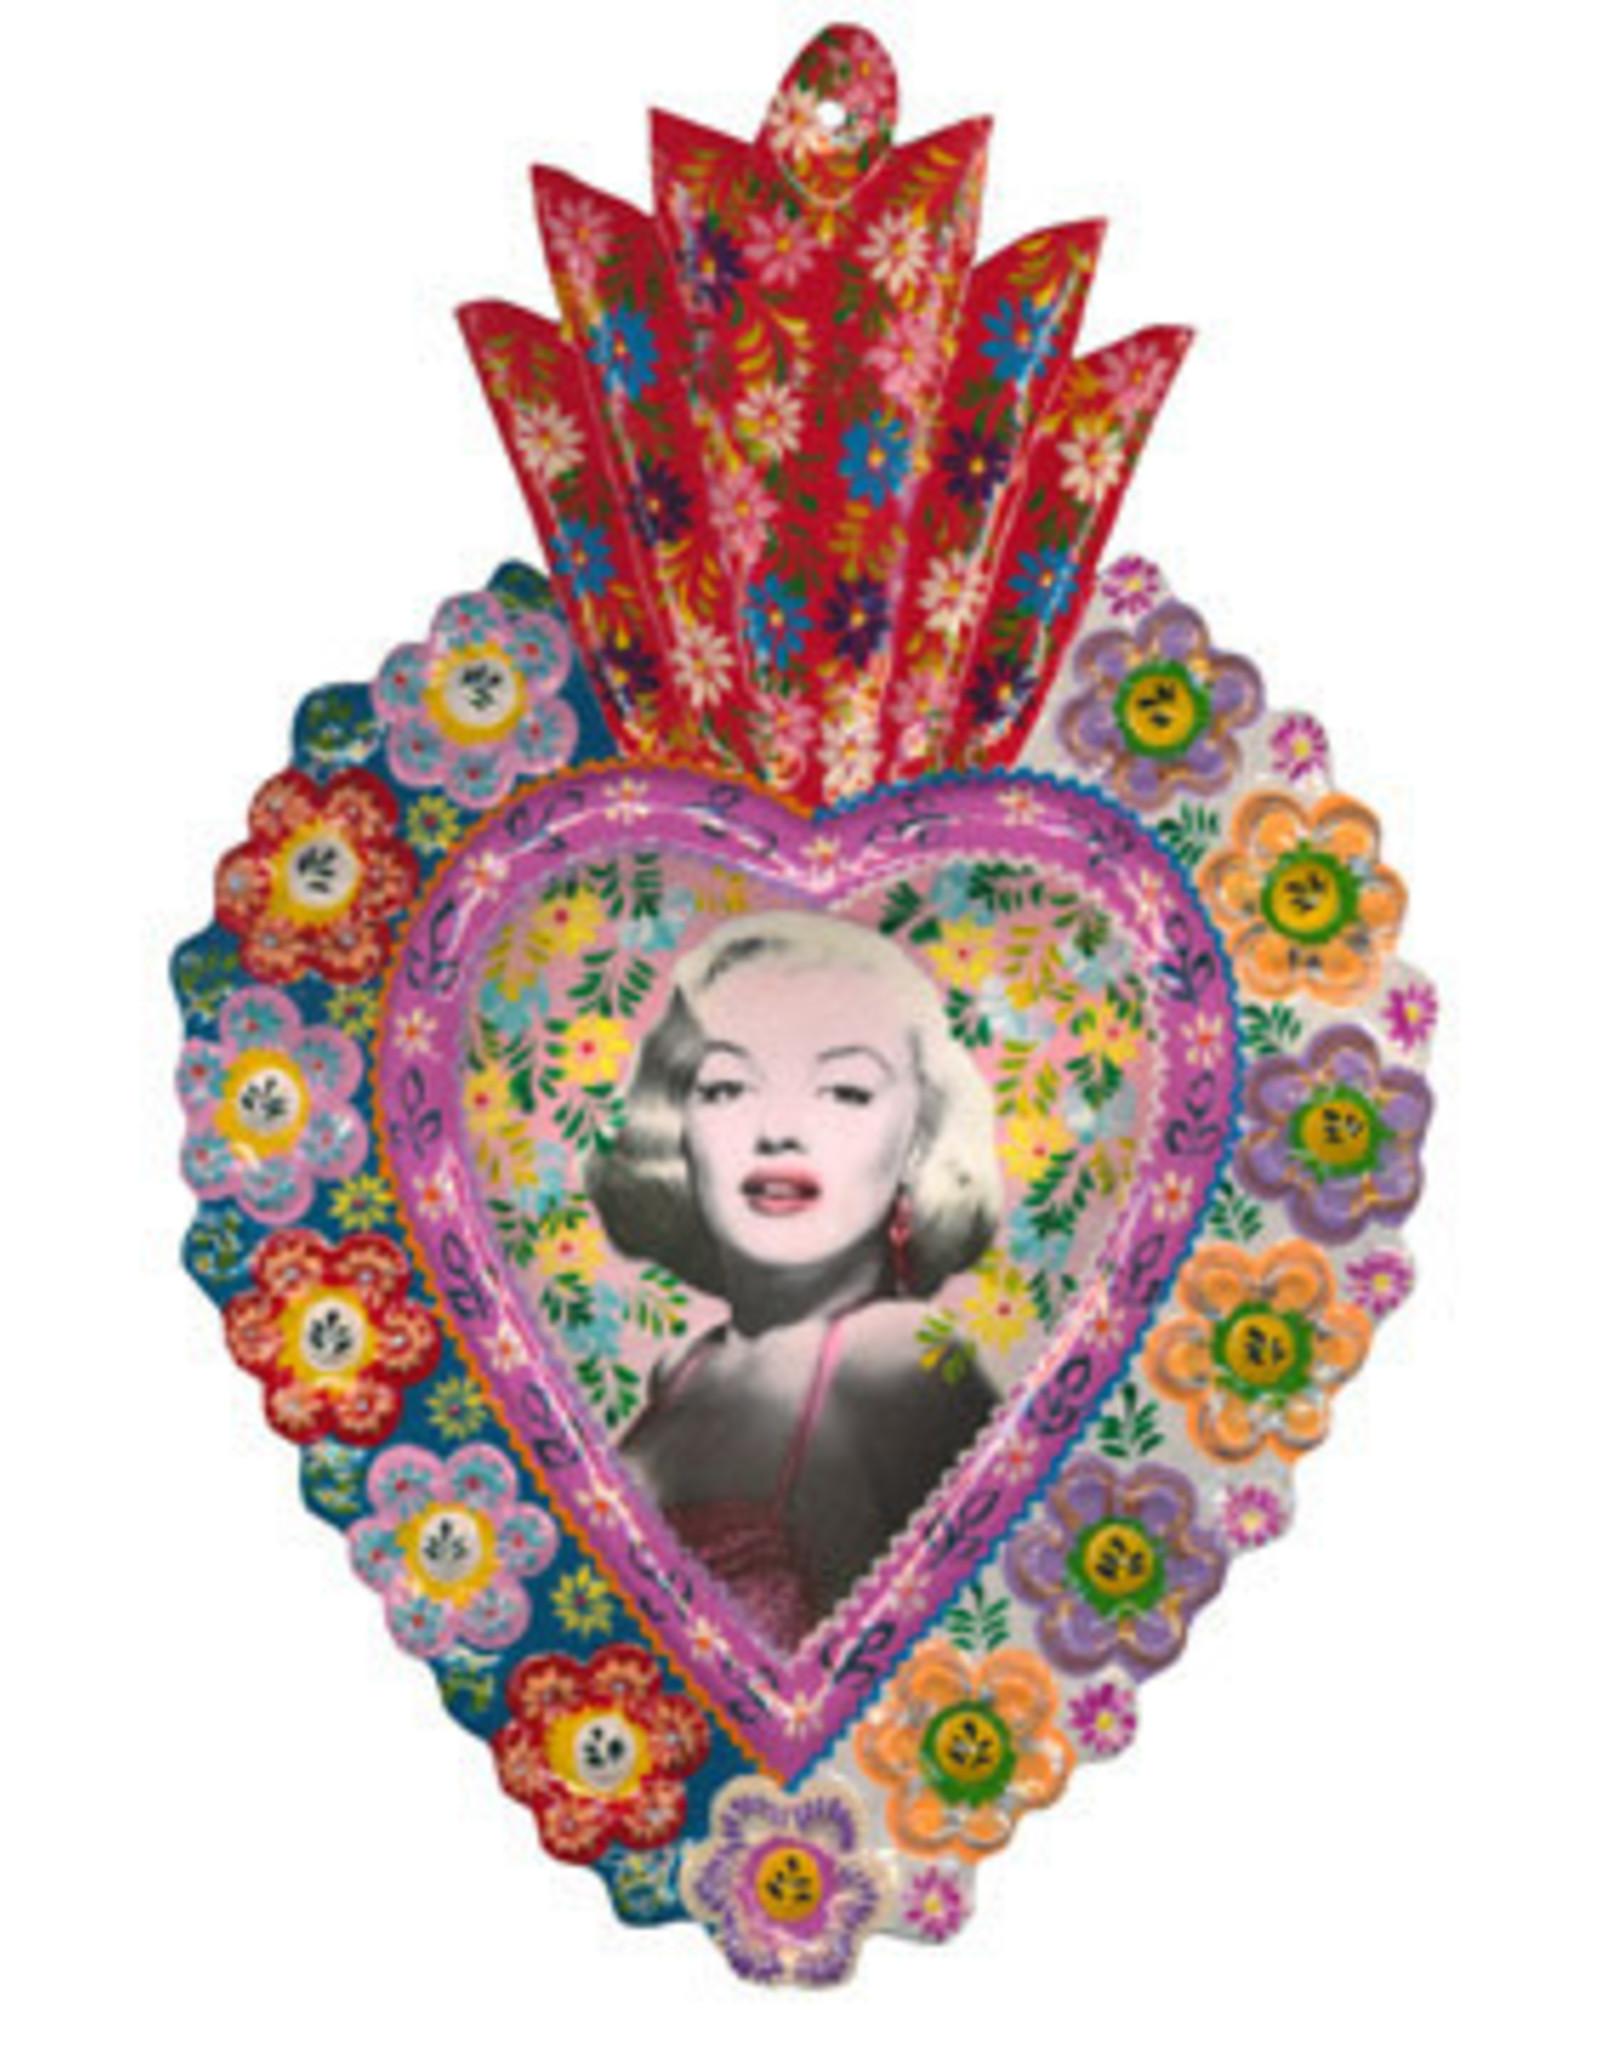 Handpainted Milagro - Marilyn Monroe